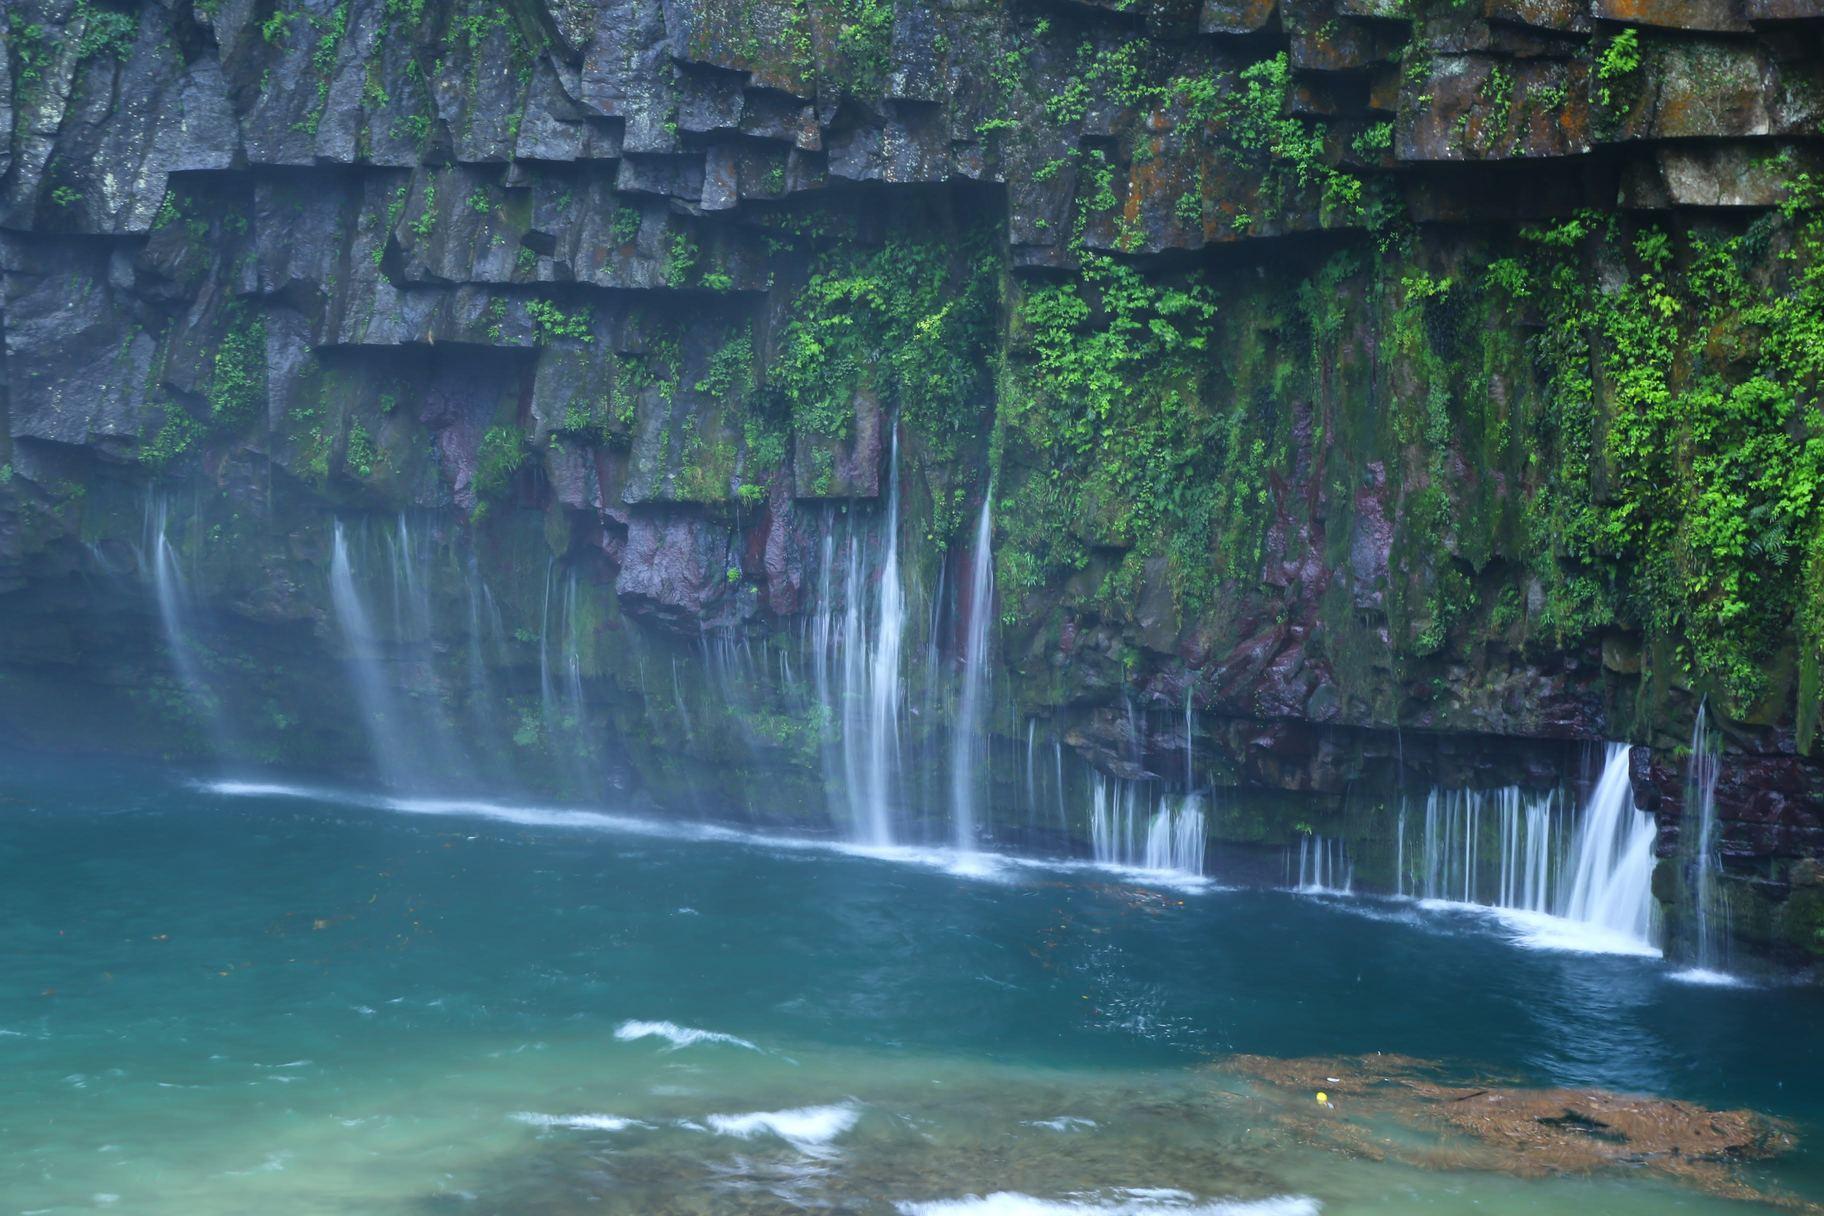 鹿児島県 根占町 南大隅町 雄川の滝